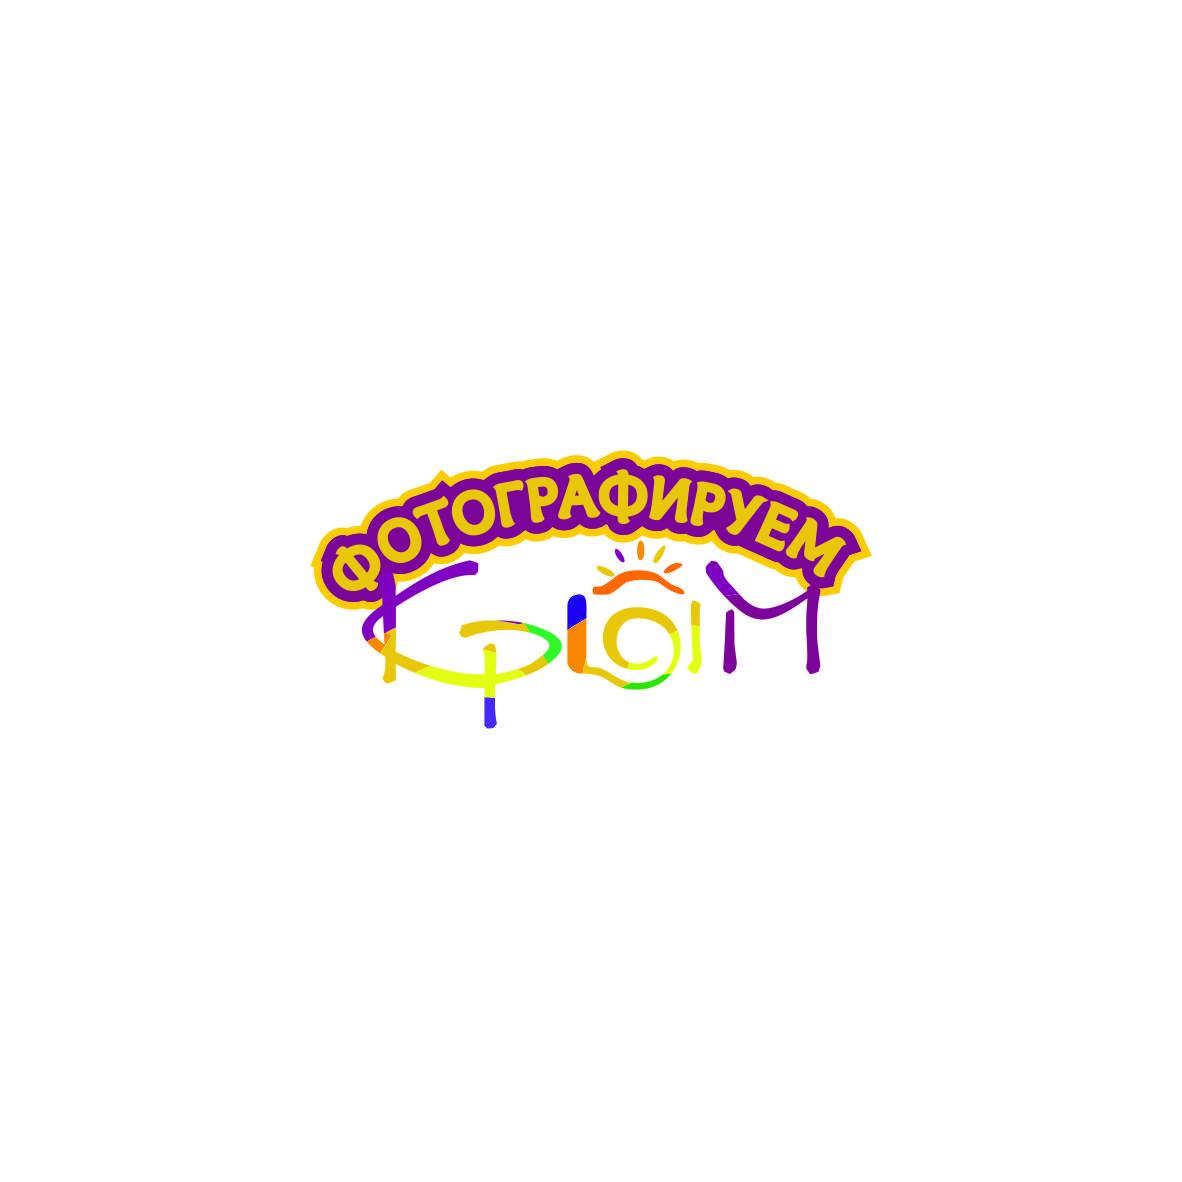 ЛОГОТИП + фирменный стиль фотоконкурса ФОТОГРАФИРУЕМ КРЫМ фото f_6795c0bc3261cb32.jpg